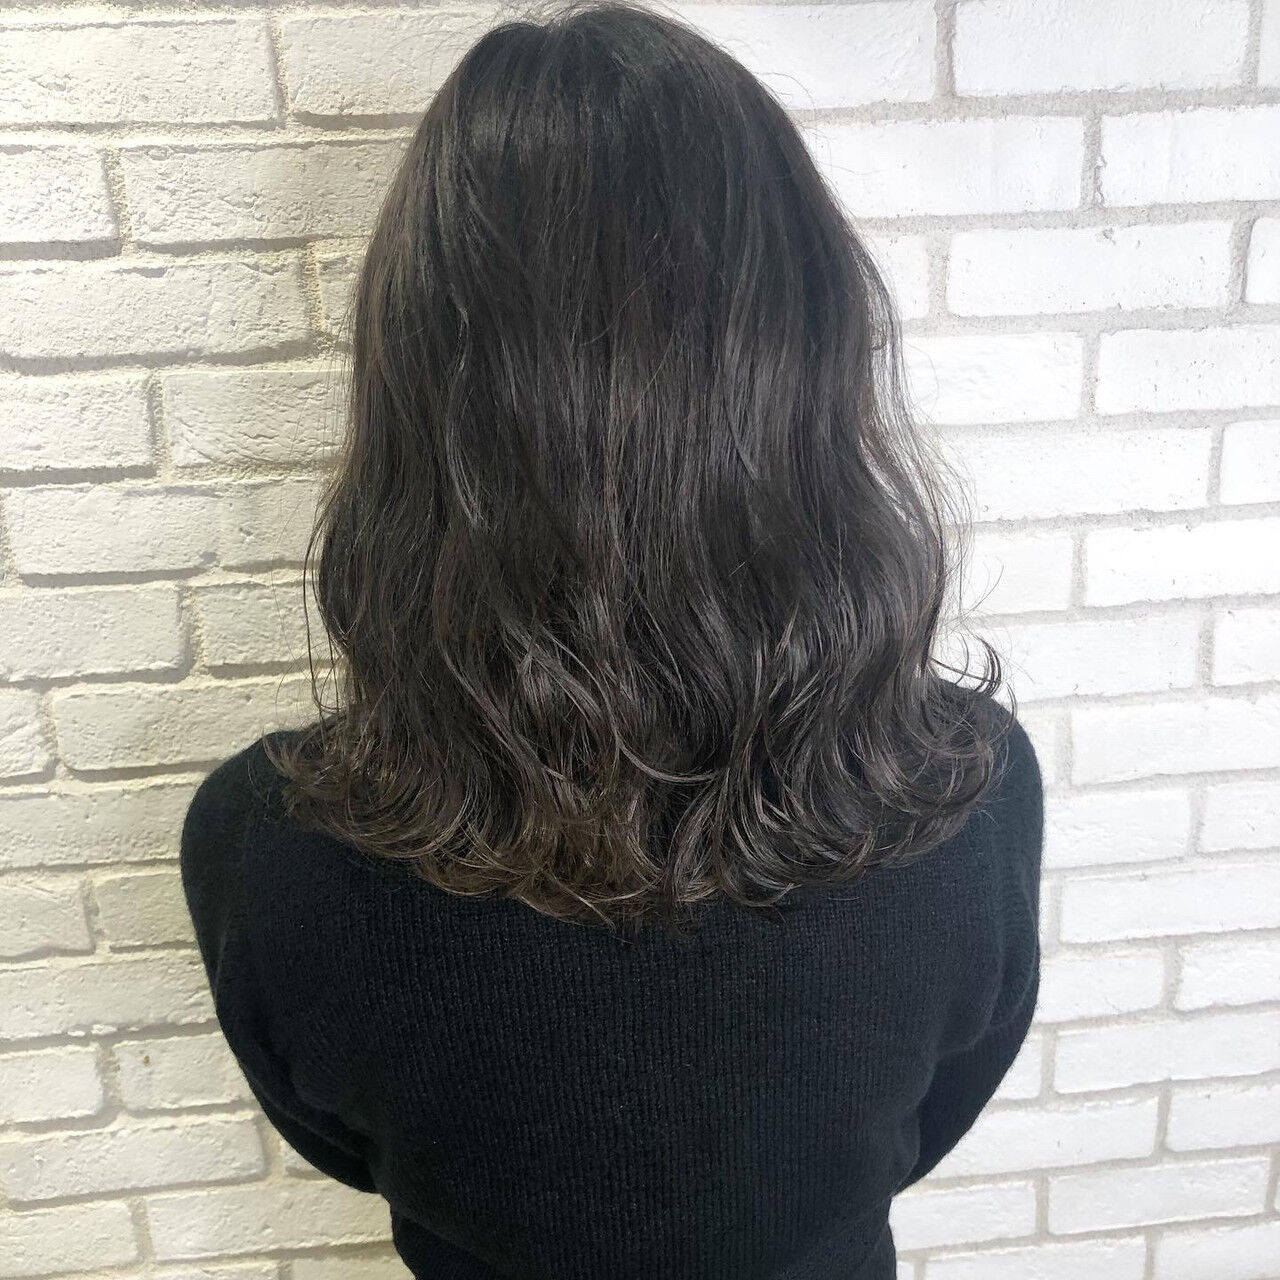 アッシュグレージュ アディクシーカラー アッシュグレー グレージュヘアスタイルや髪型の写真・画像